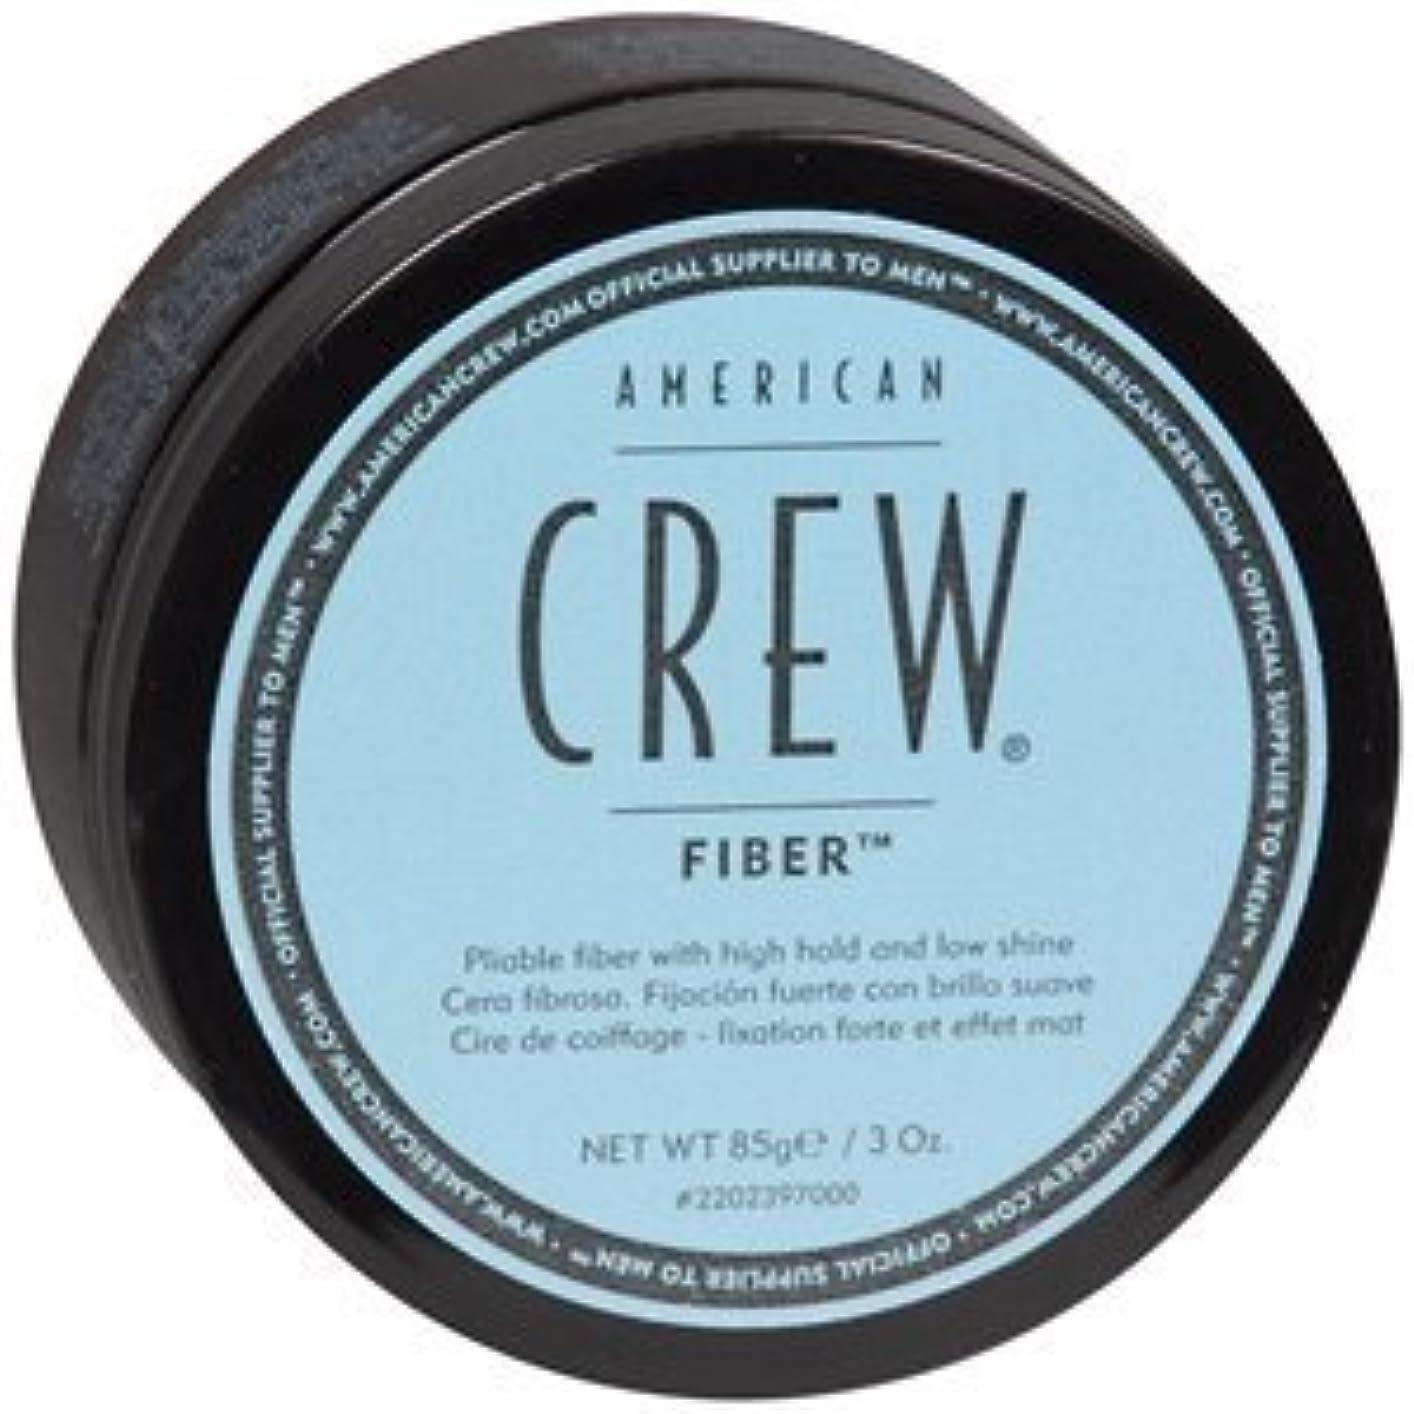 バッジ差し迫った実り多いAmerican Crew Fiber for Hold & Shine 3 oz (85 g) by AB [並行輸入品]